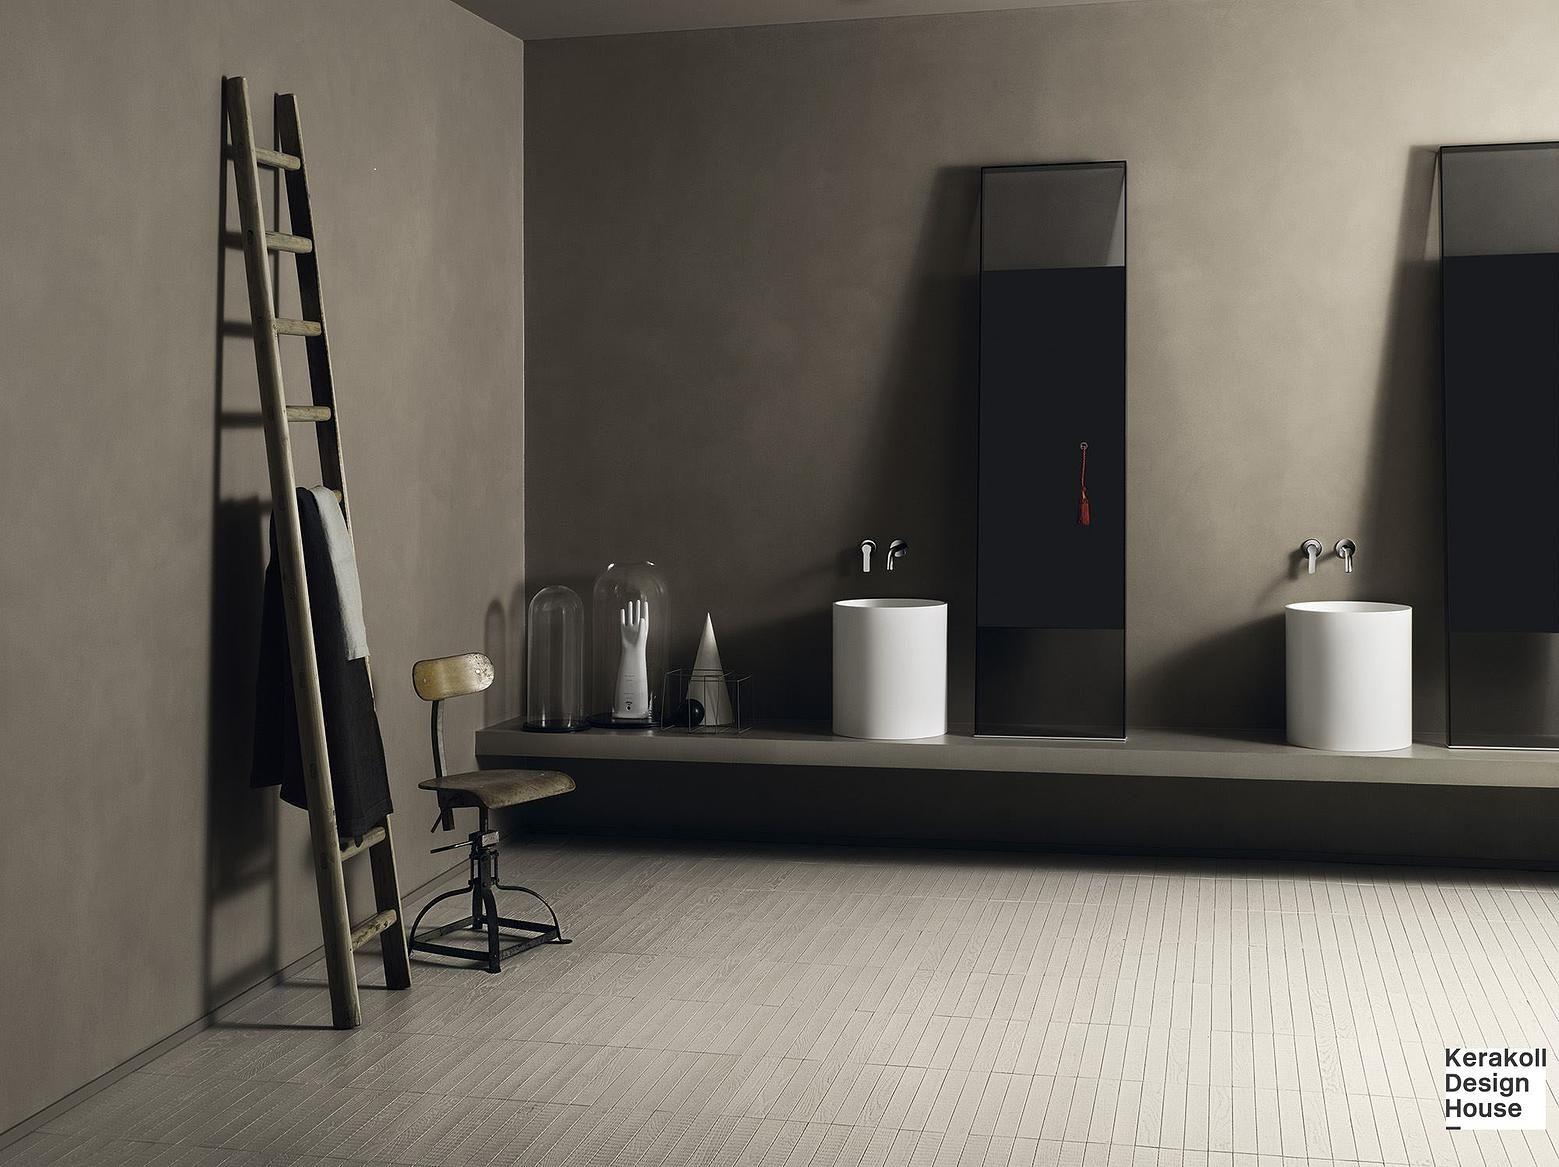 Veredil s.r.l. | Ceramiche, Piastrelle e Arredo Bagno Milano | IL ...